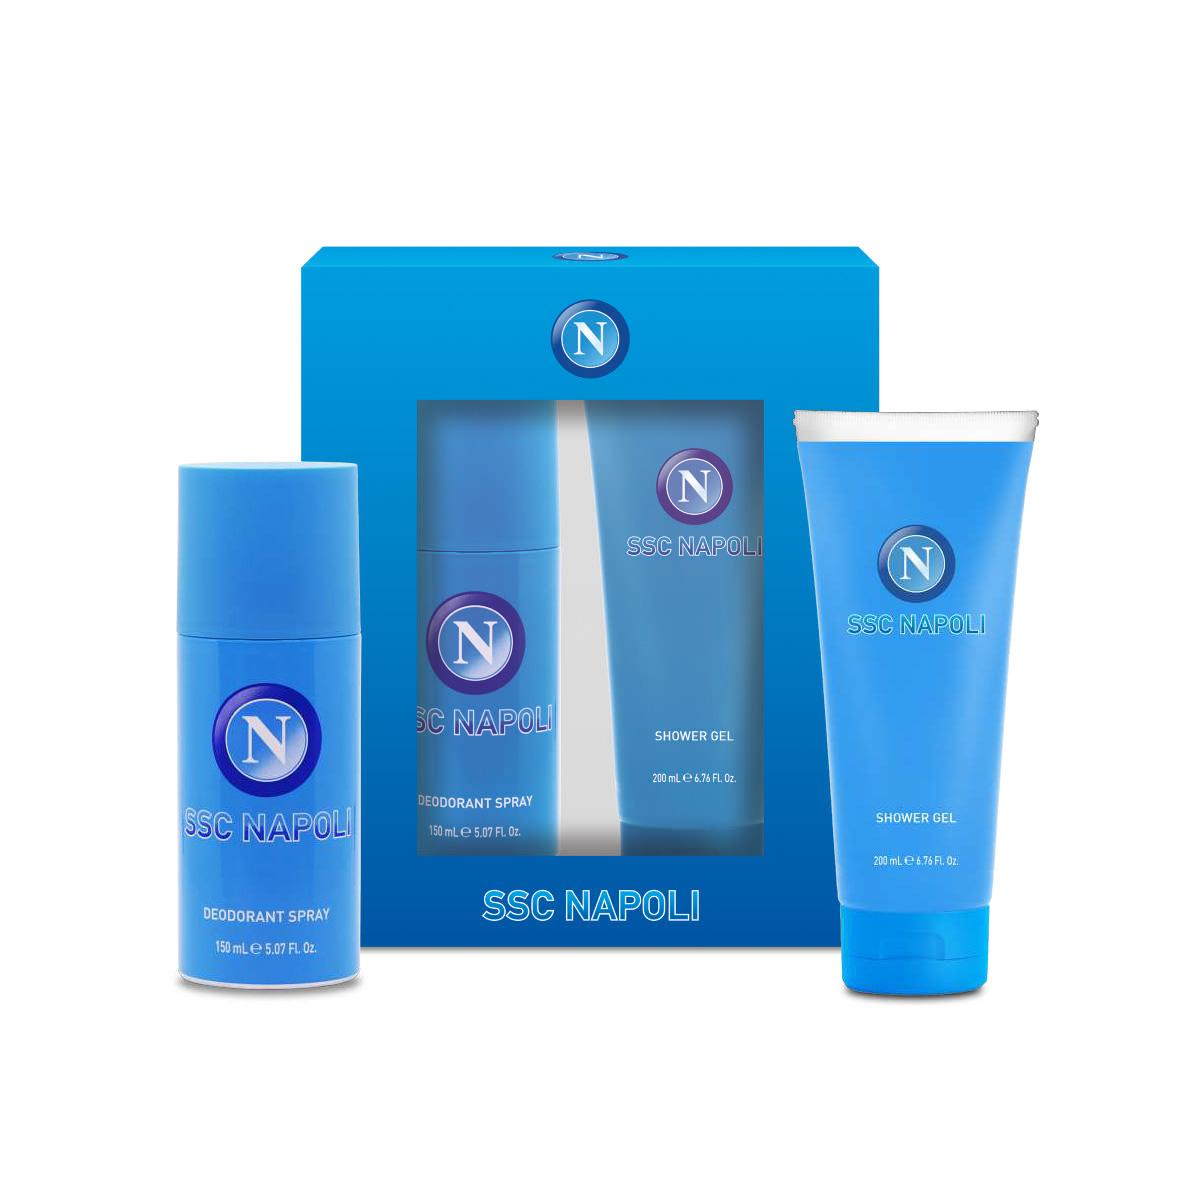 Napoli Eau de Toilette e deodorante con shower gel SSC Napoli